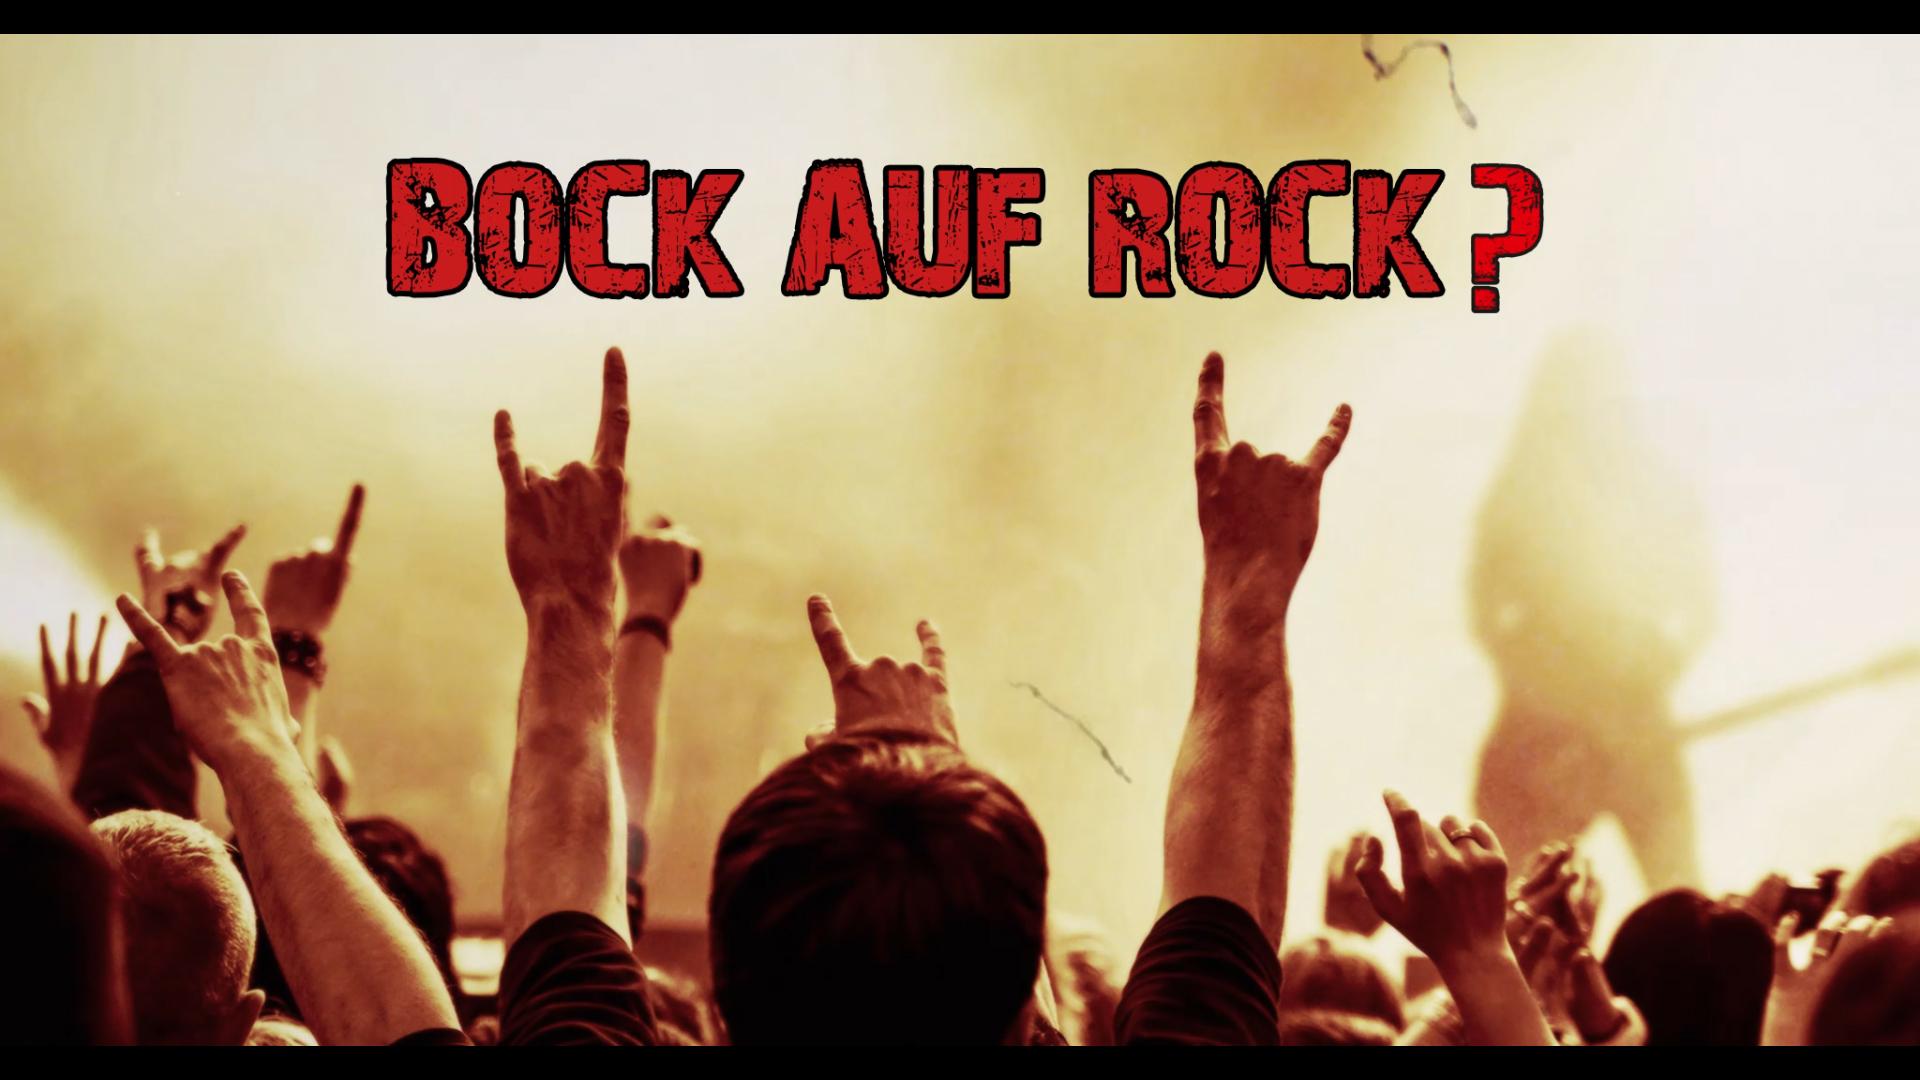 Kinospot Förderverein Rock und Pop Rhein Neckar e.V.